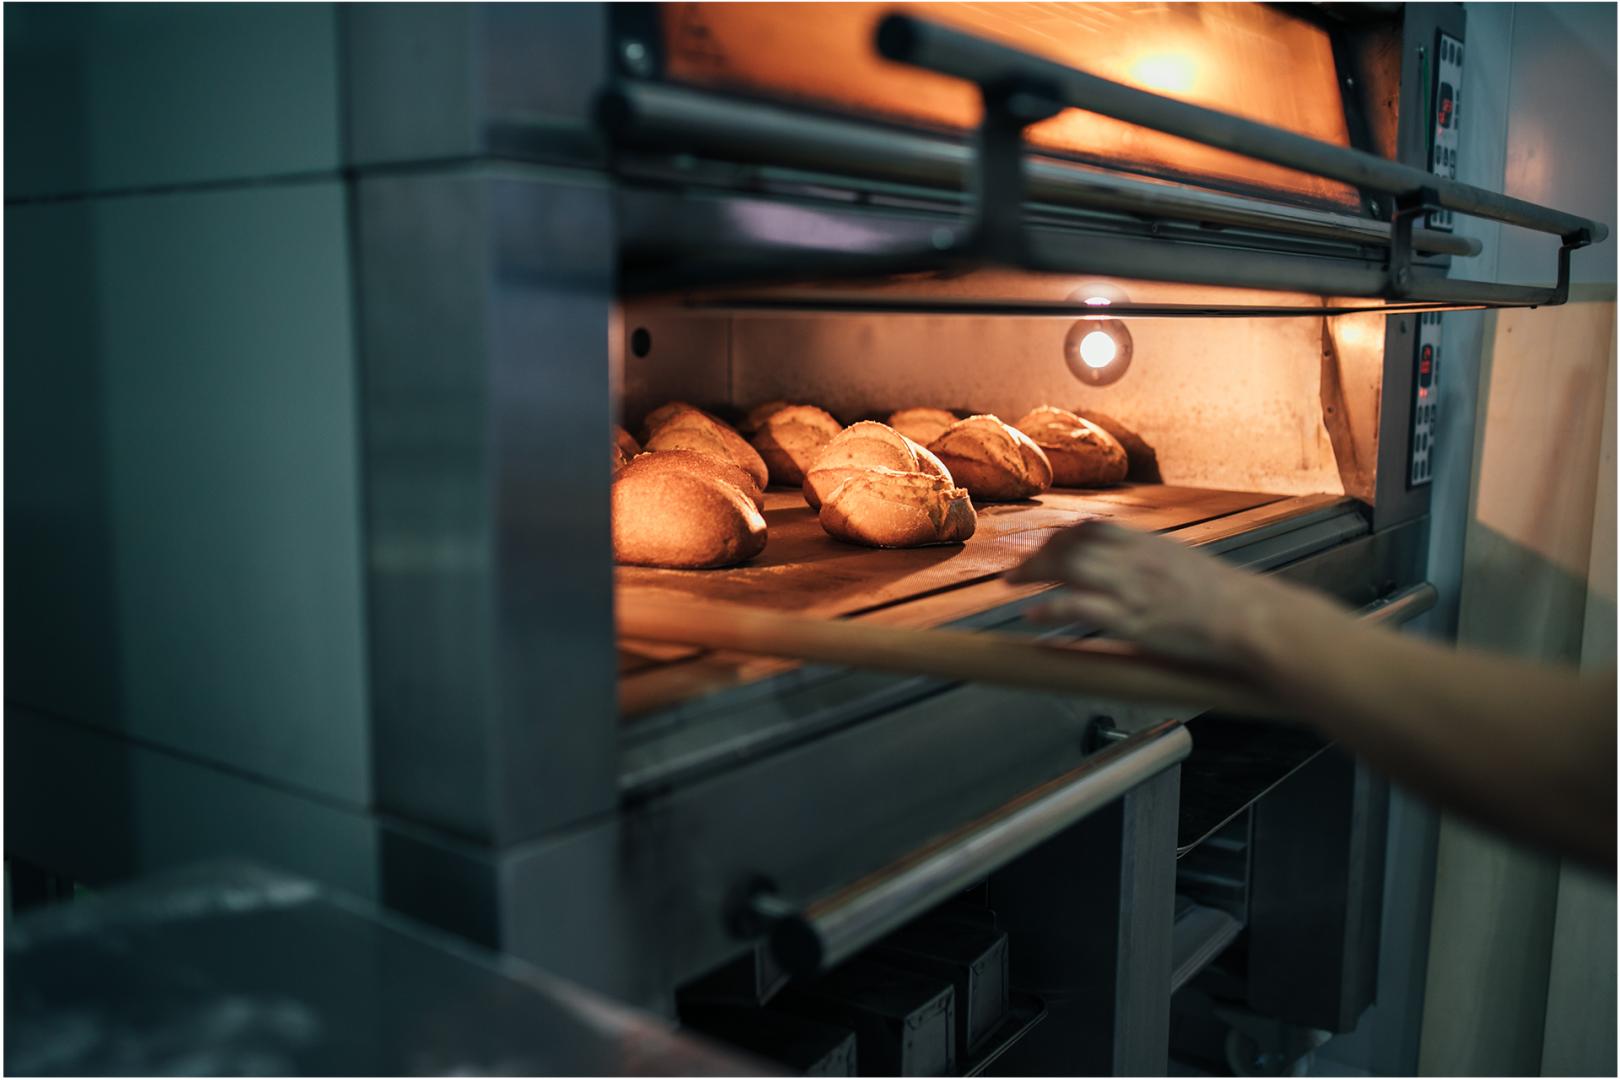 Ouvrir une boulangerie: de bonnes astuces pour se lancer dans les meilleures conditions